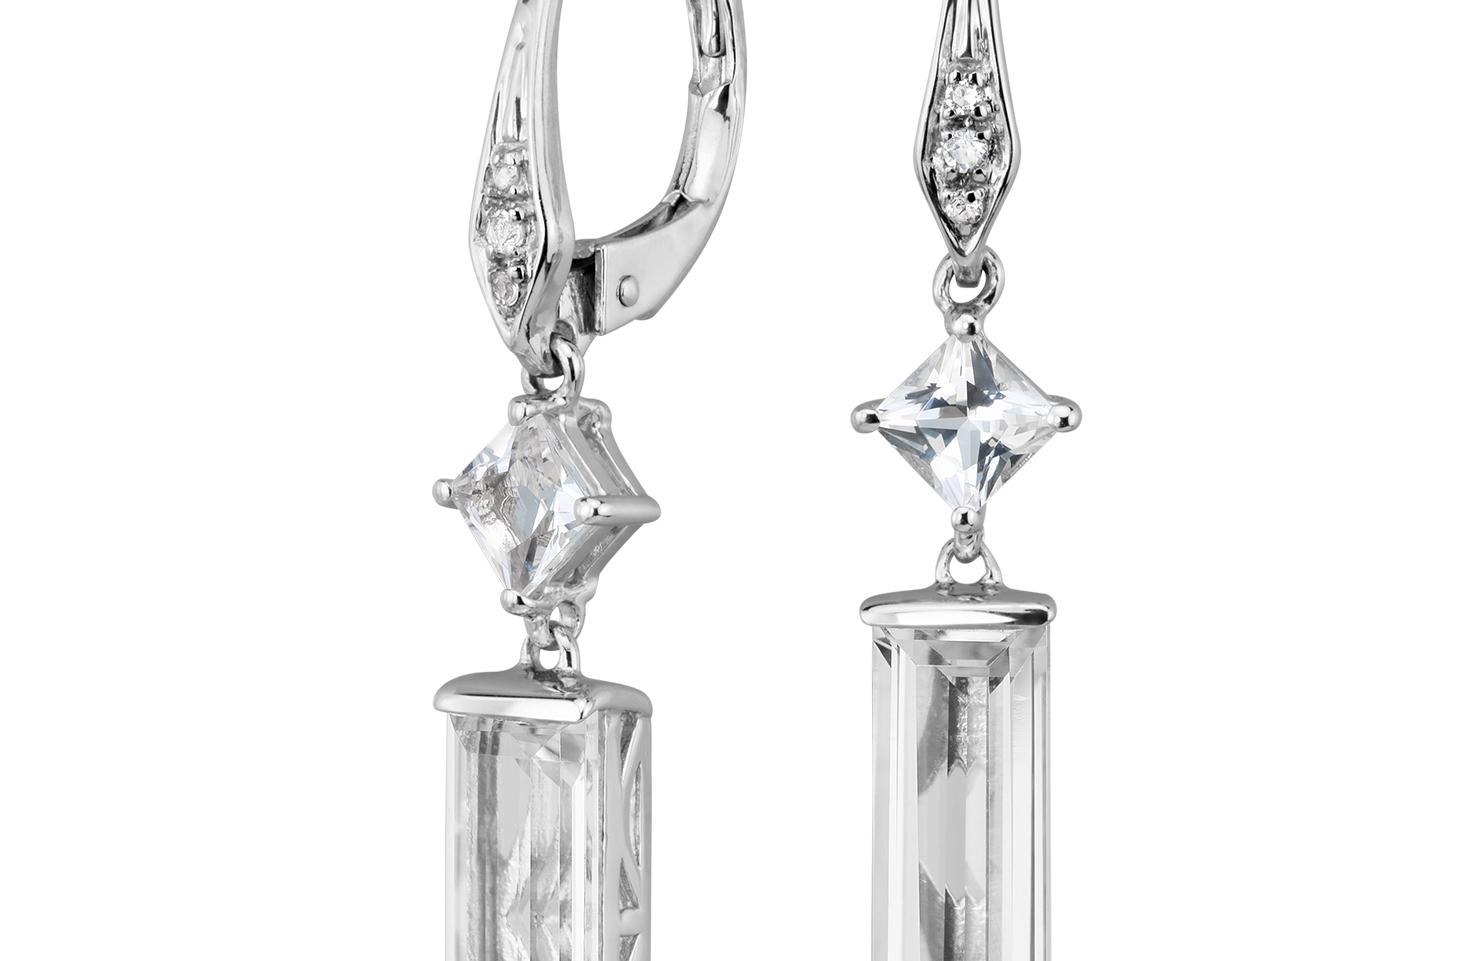 Pendants d'oreilles topaze blanche taille émeraude vintage en argent sterling (13x5mm)